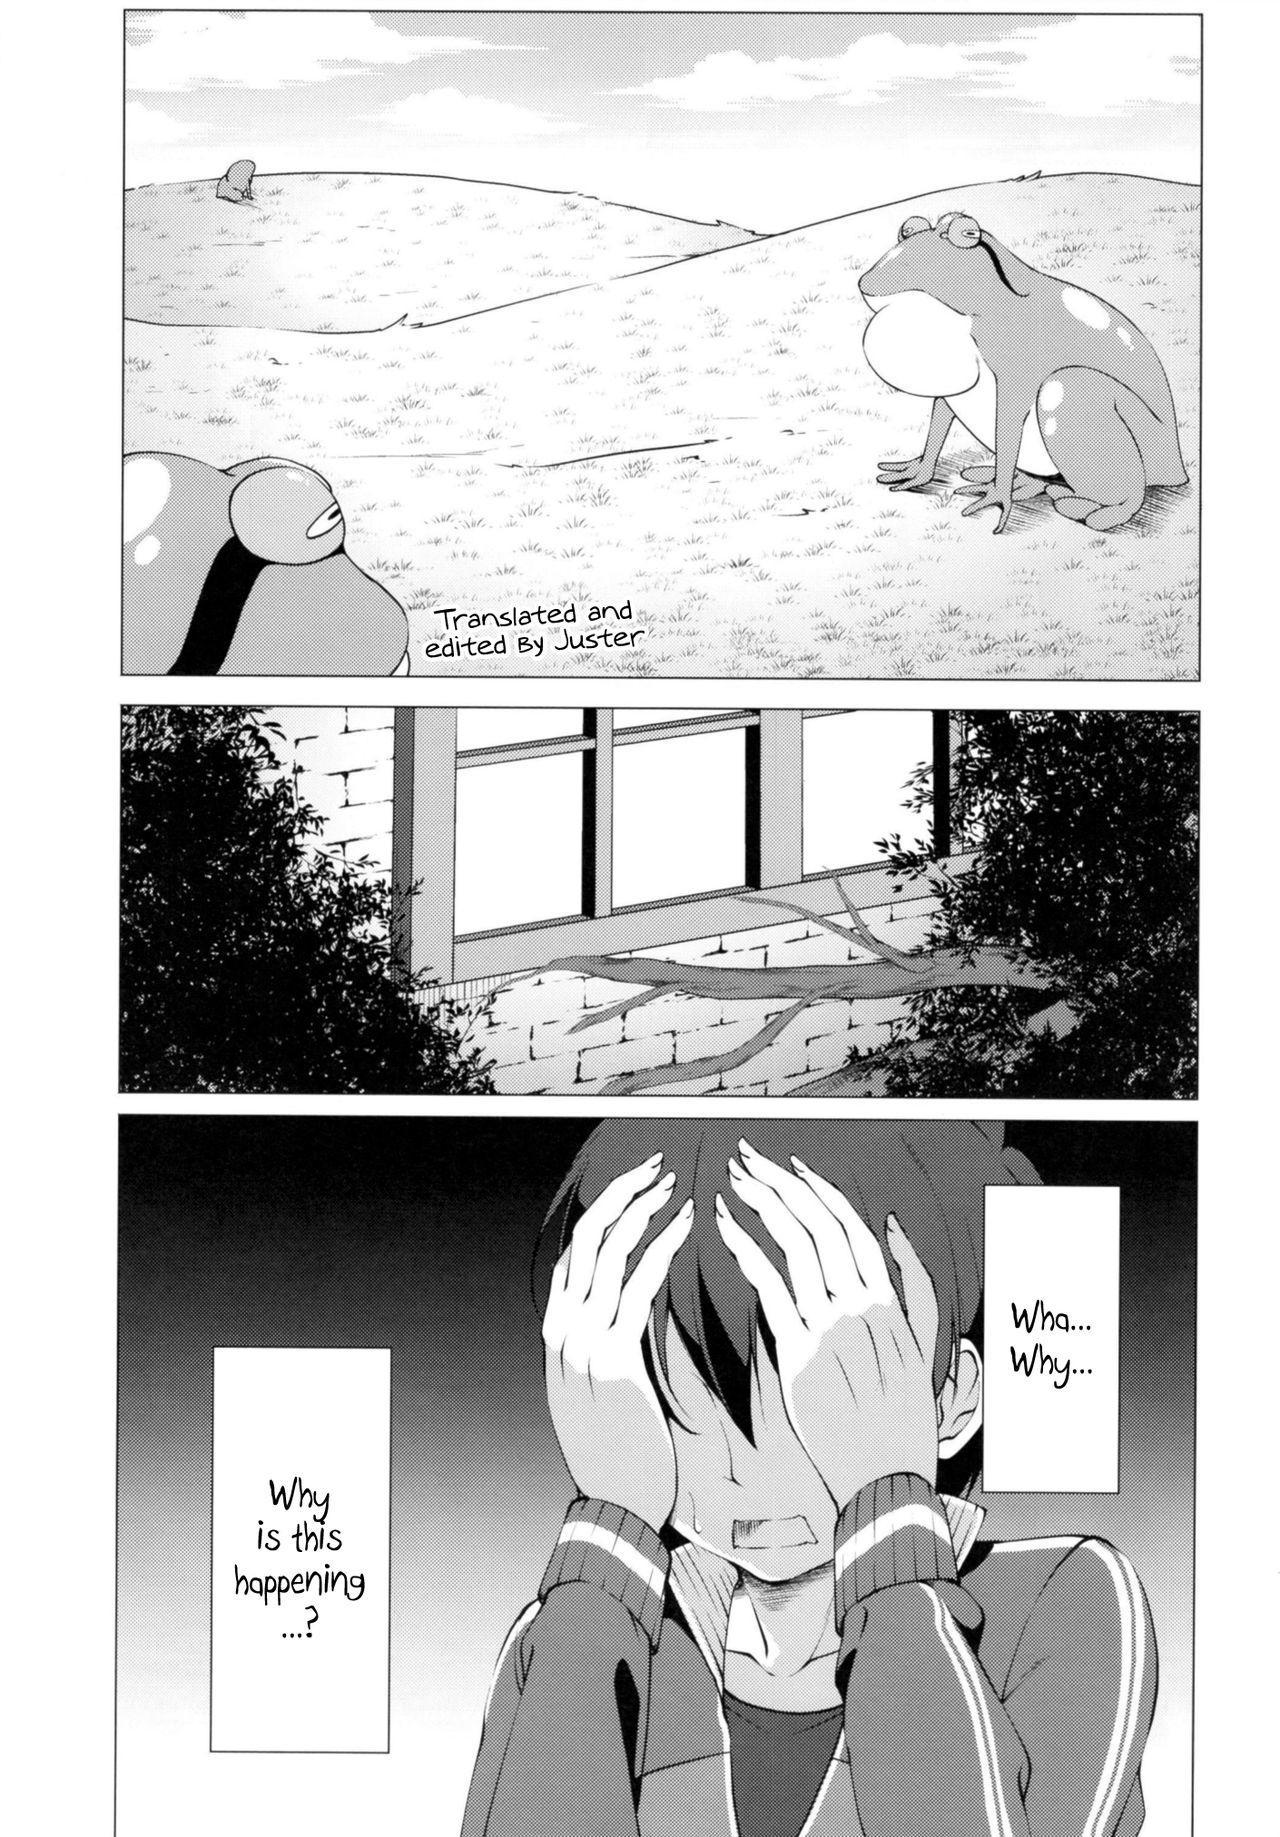 [Idobata Kaigisho (Fried)] Kono Subarashii Oujo-sama wa Onii-sama ga Daisuki!! | This Wonderful Princess Loves Her Big Brother a Lot!! (Kono Subarashii Sekai ni Syukufuku o!) [English] [Juster] [Digital] 3